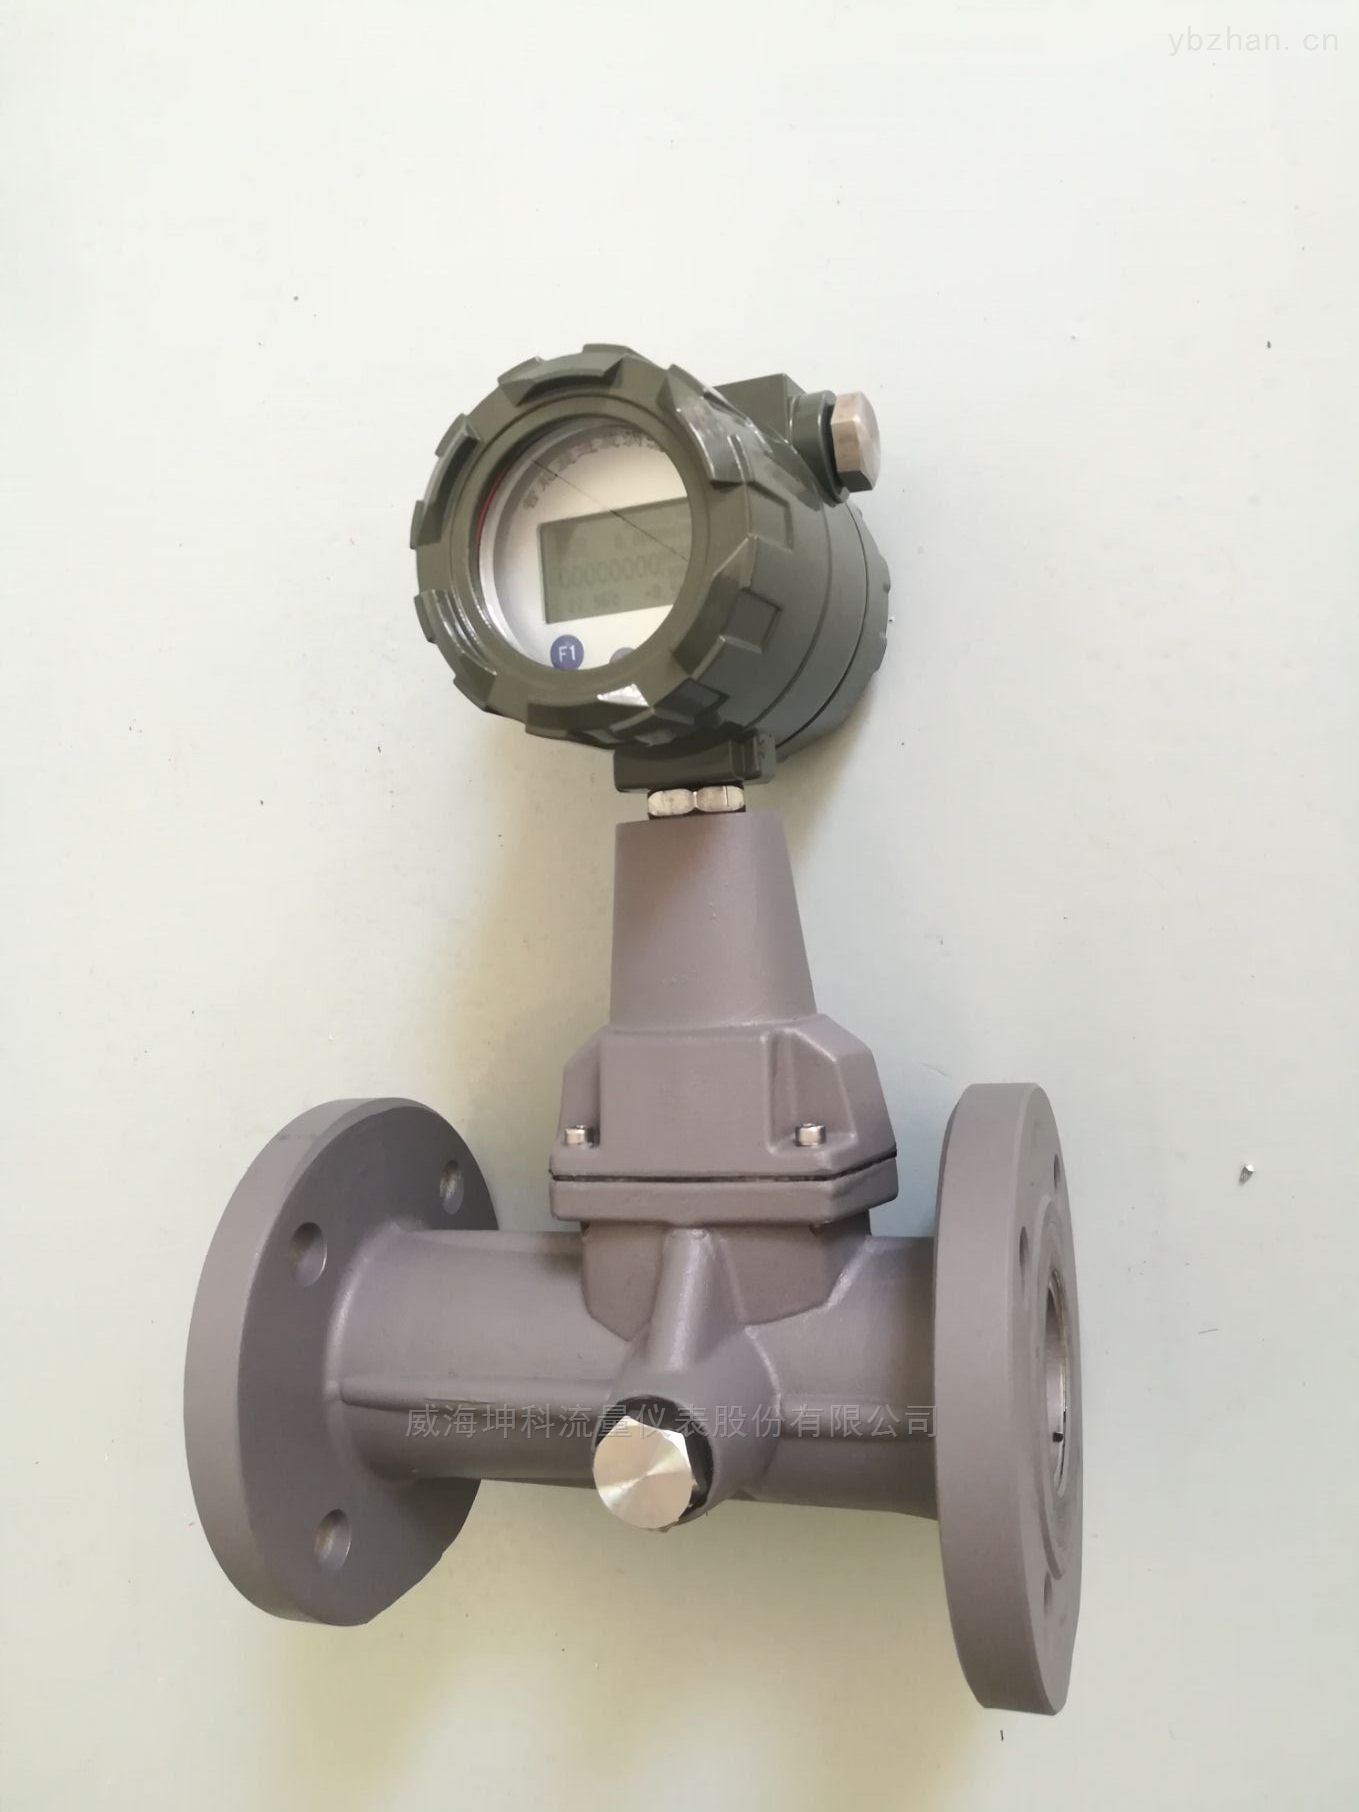 KLUX-天然氣耐高壓旋進旋渦流量計廠家